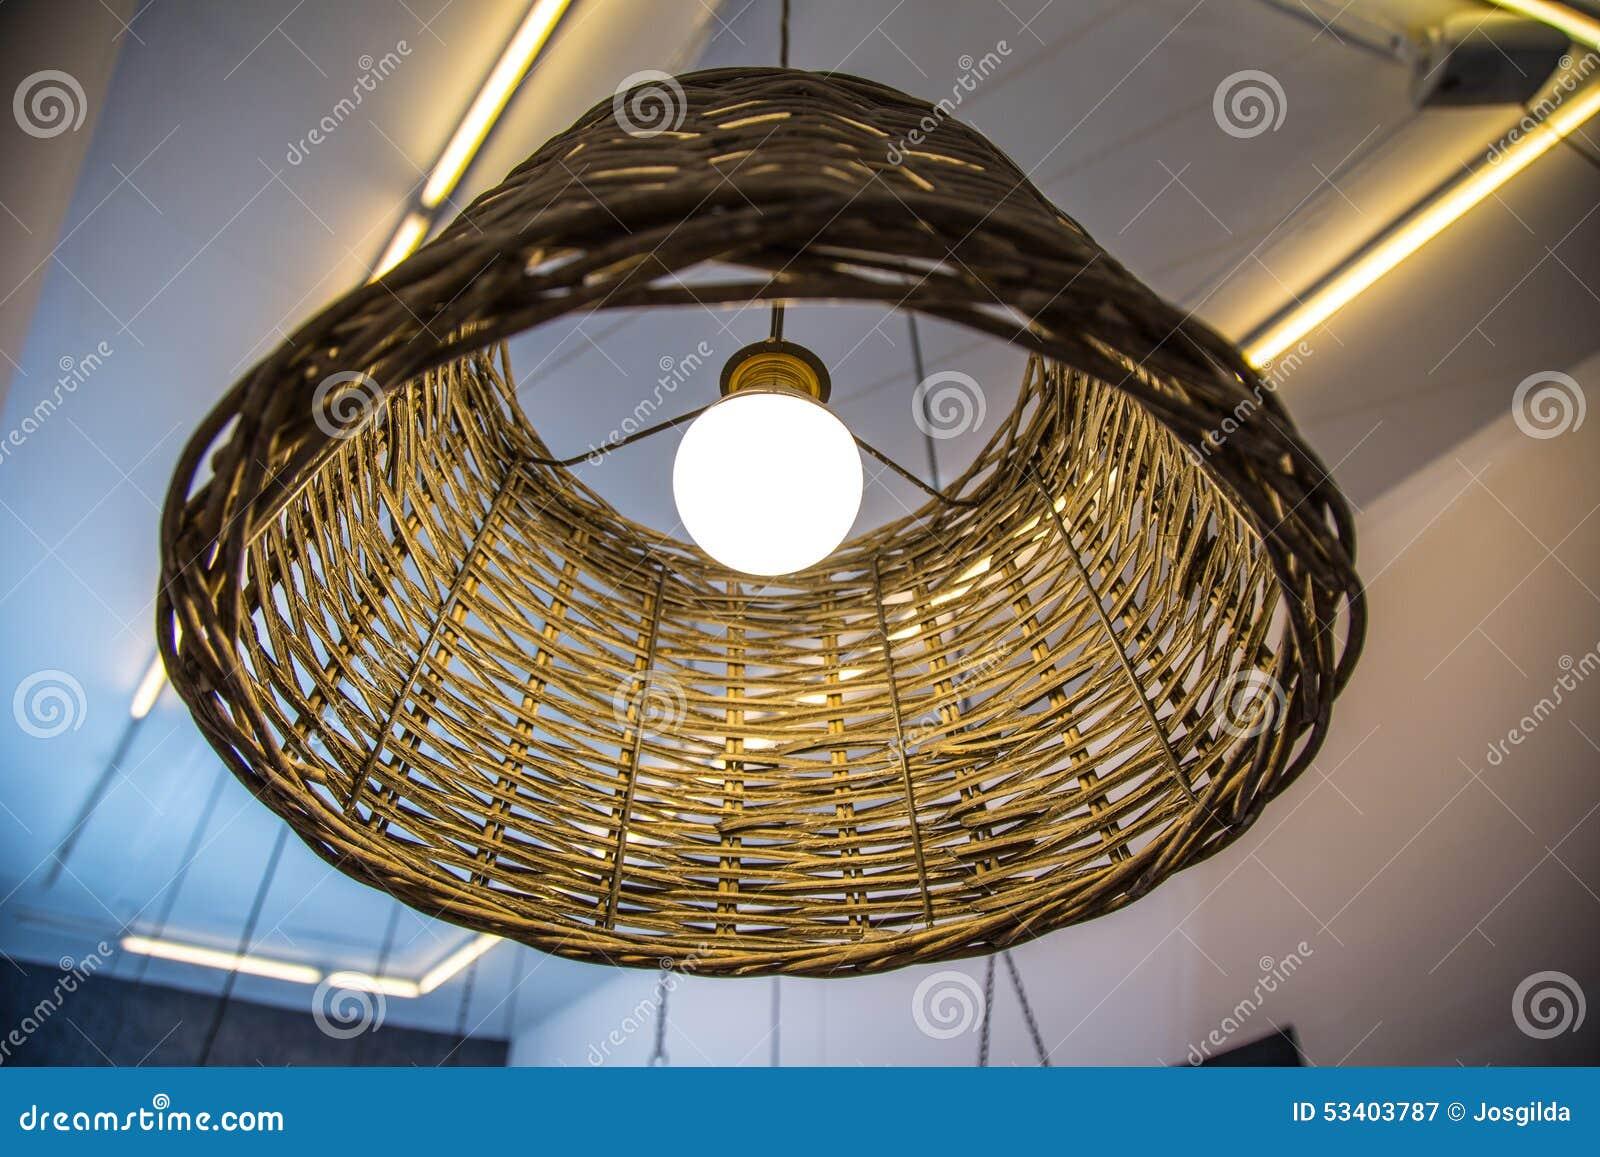 Plafoniere Vimini : Lampada di vimini immagine stock illuminazione